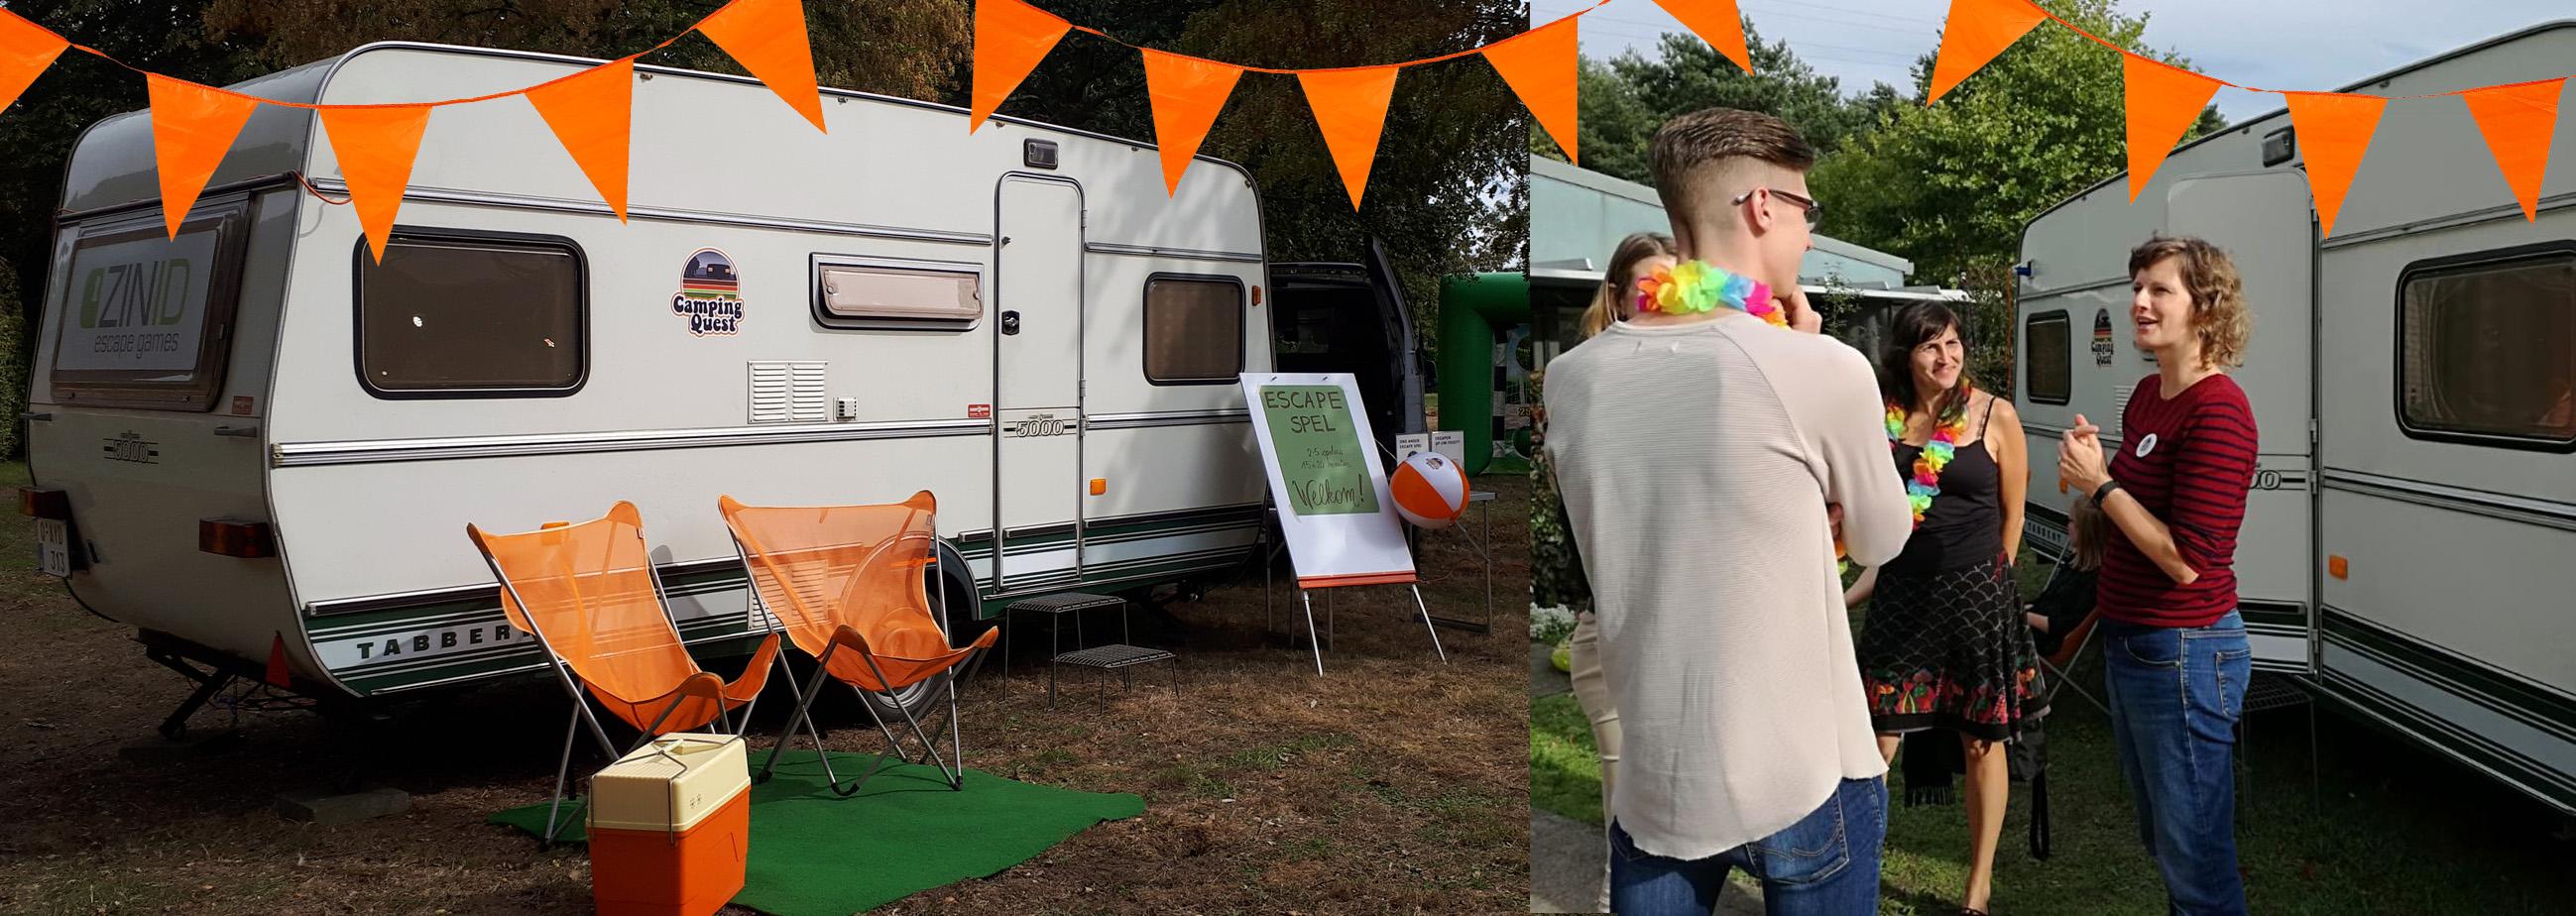 Opstelling Escape Caravan en speluitleg bij 'Camping Quest'